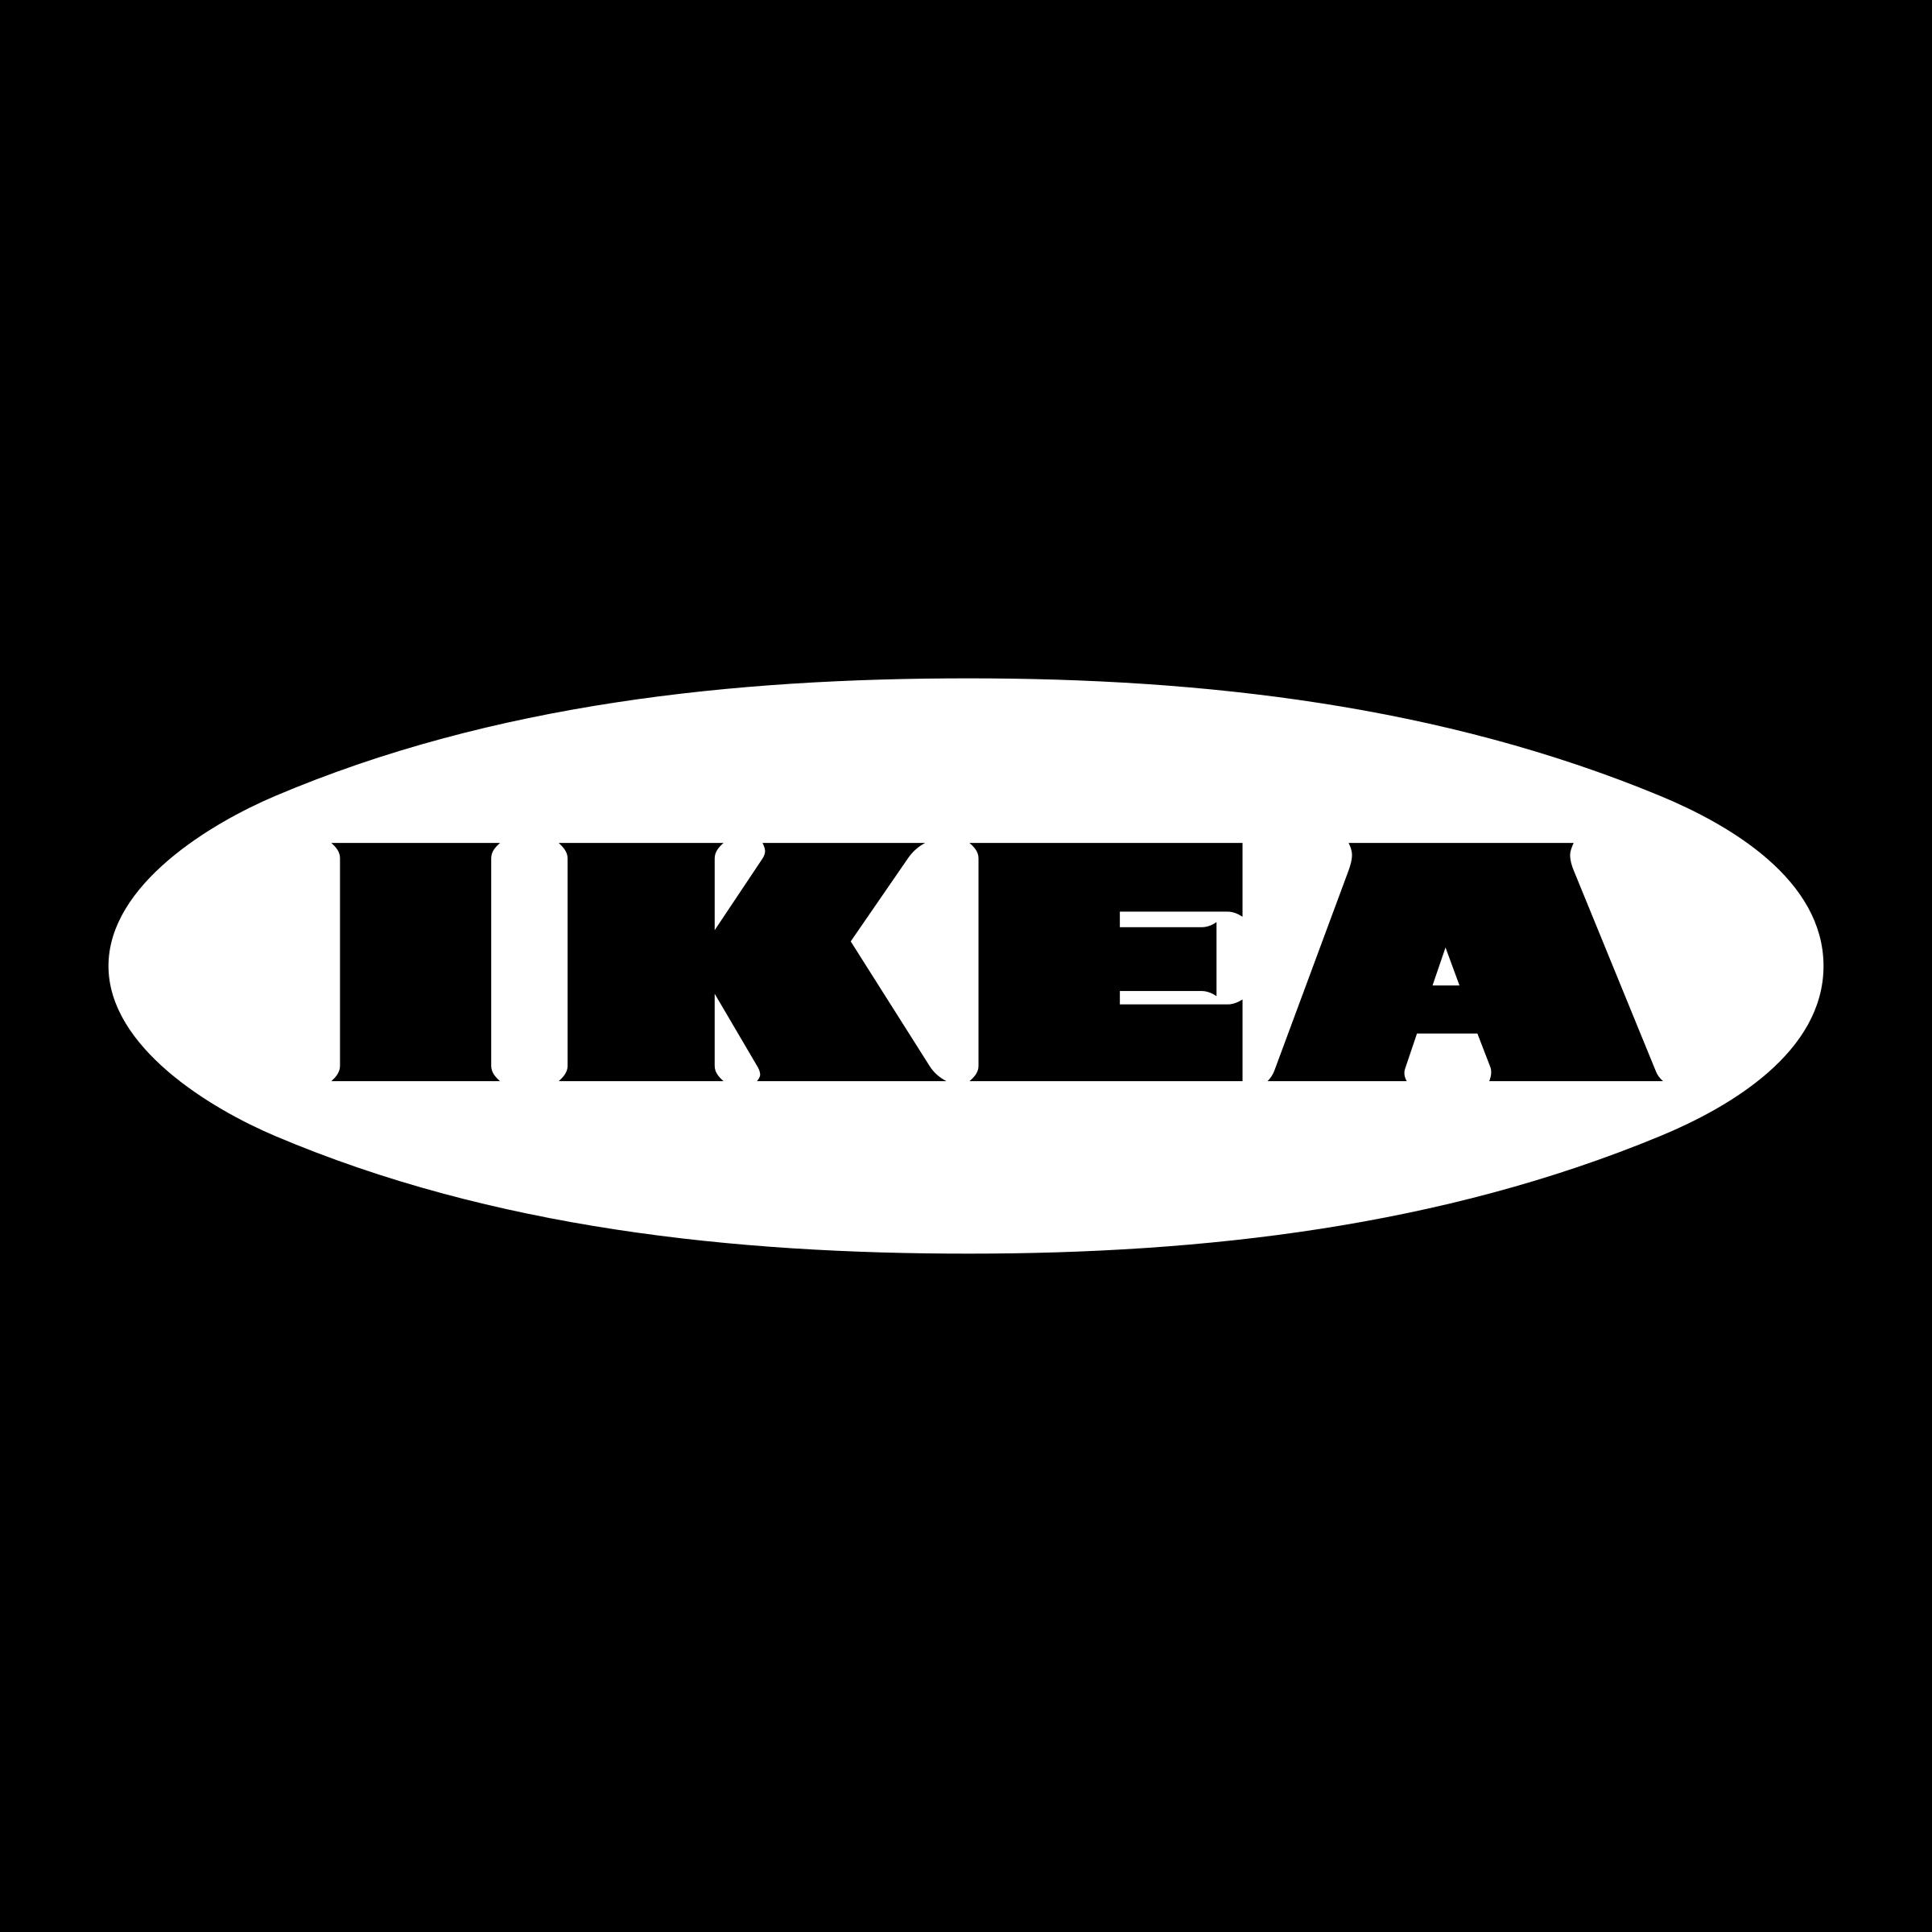 ikea-logo-png-transparent.png